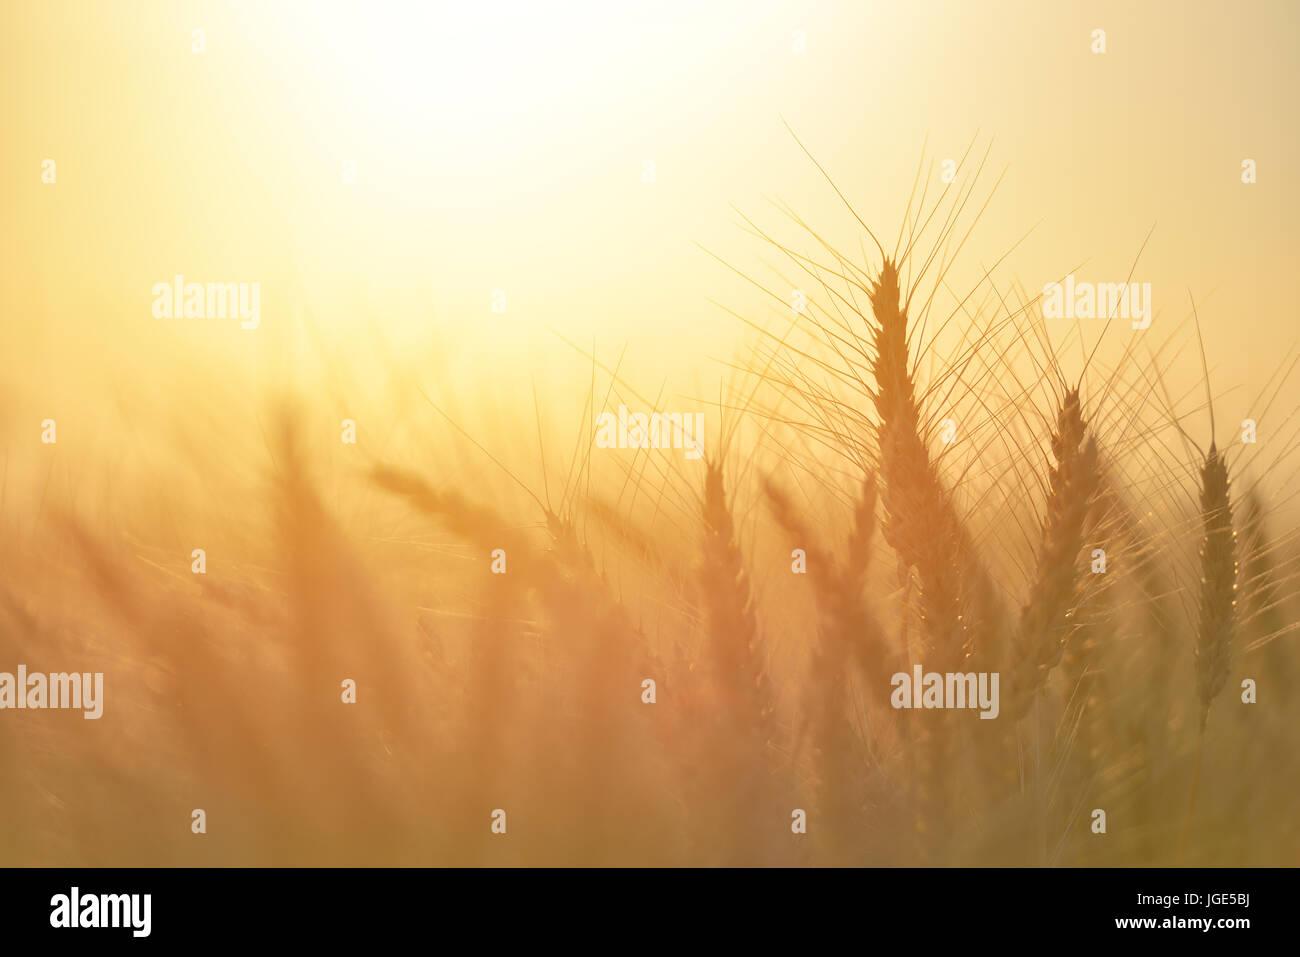 Champ de blé. les oreilles de golden wheat close up. belle nature paysage coucher de soleil paysage rural. En vertu de l'arrière-plan, la lumière. de maturation des épis de moi Banque D'Images